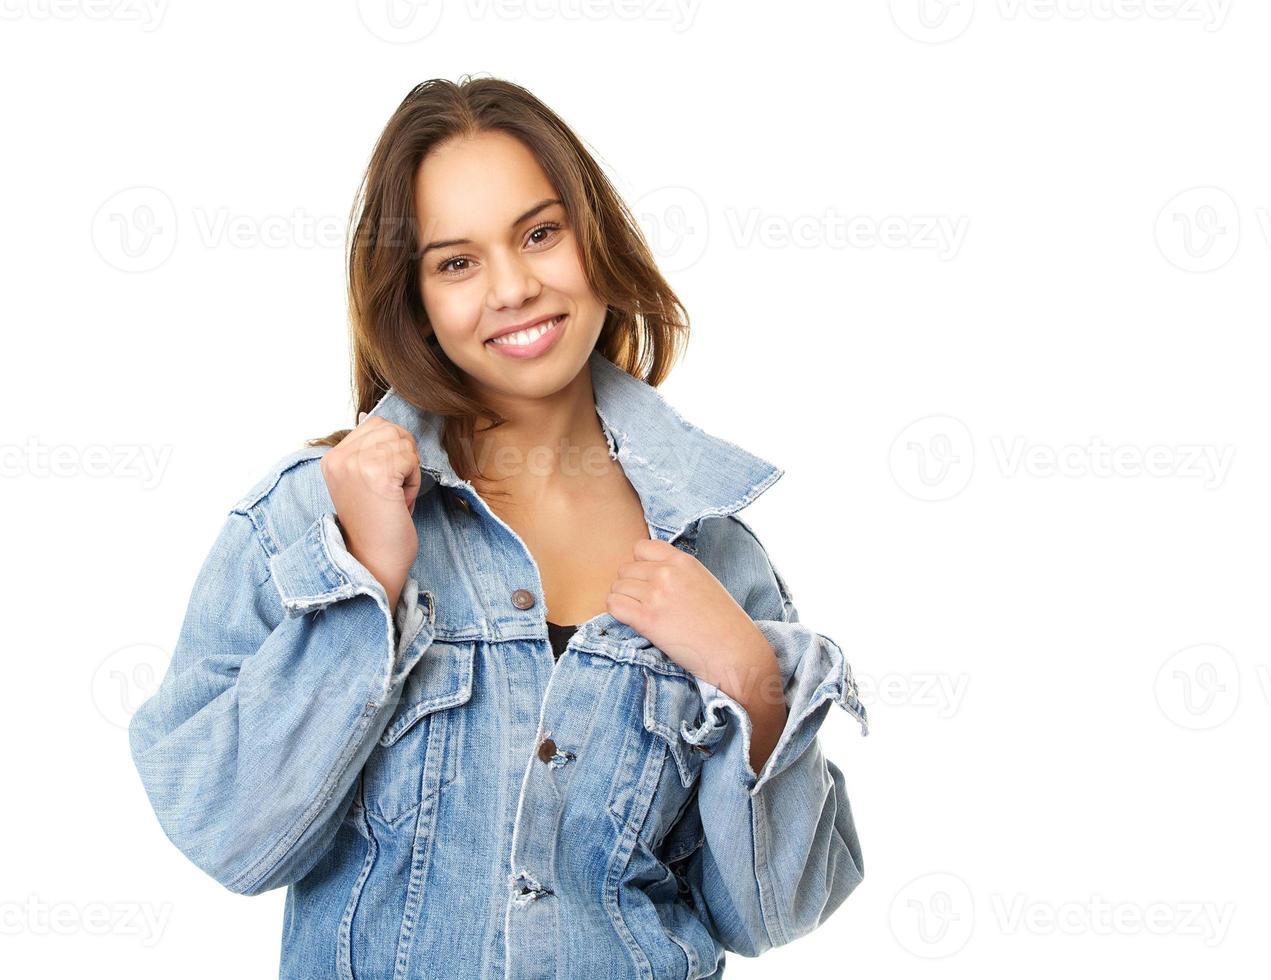 Porträt einer jungen Frau lächelnd und Jeansjacke haltend foto